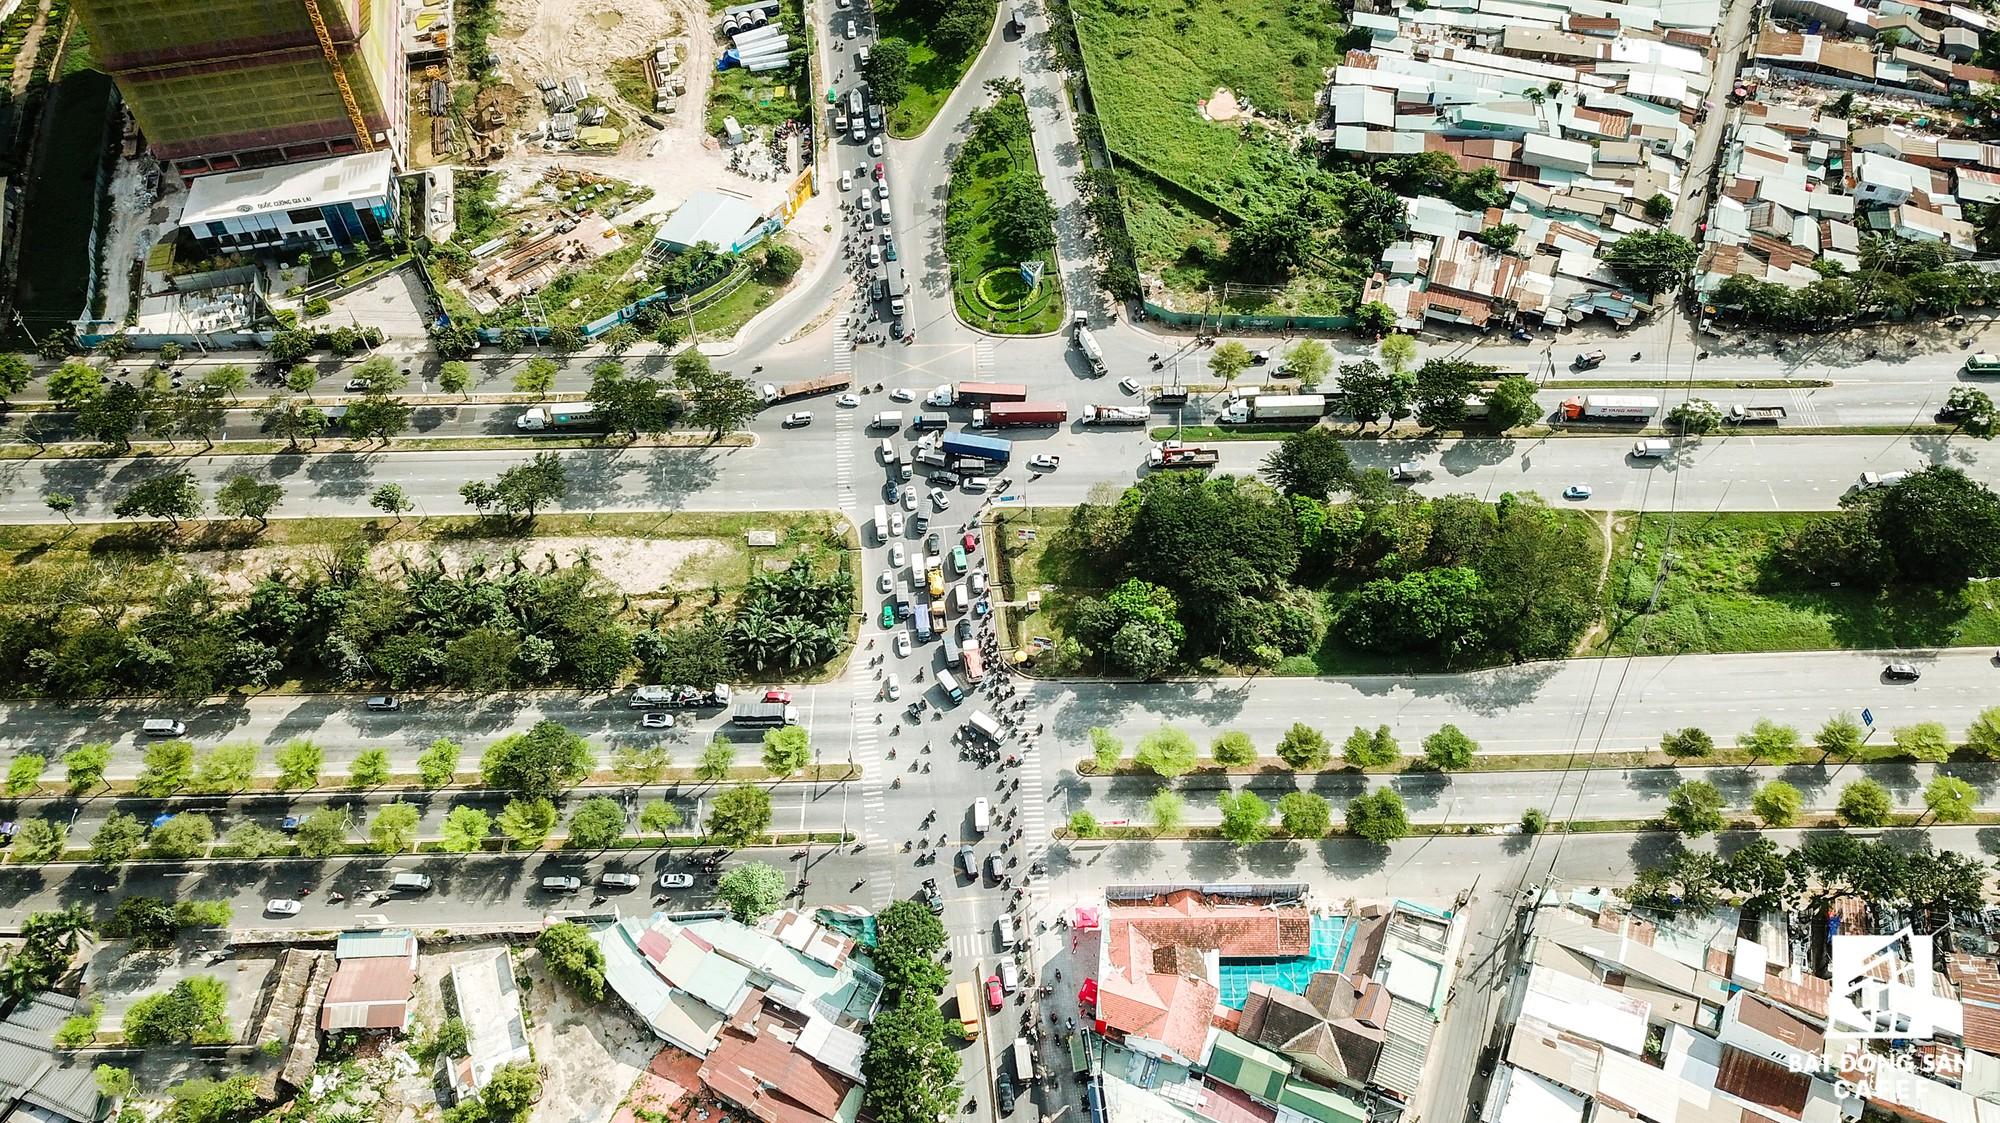 Toàn cảnh đại lộ tỷ đô đã tạo nên một thị trường bất động sản rất riêng cho khu Nam Sài Gòn - Ảnh 6.